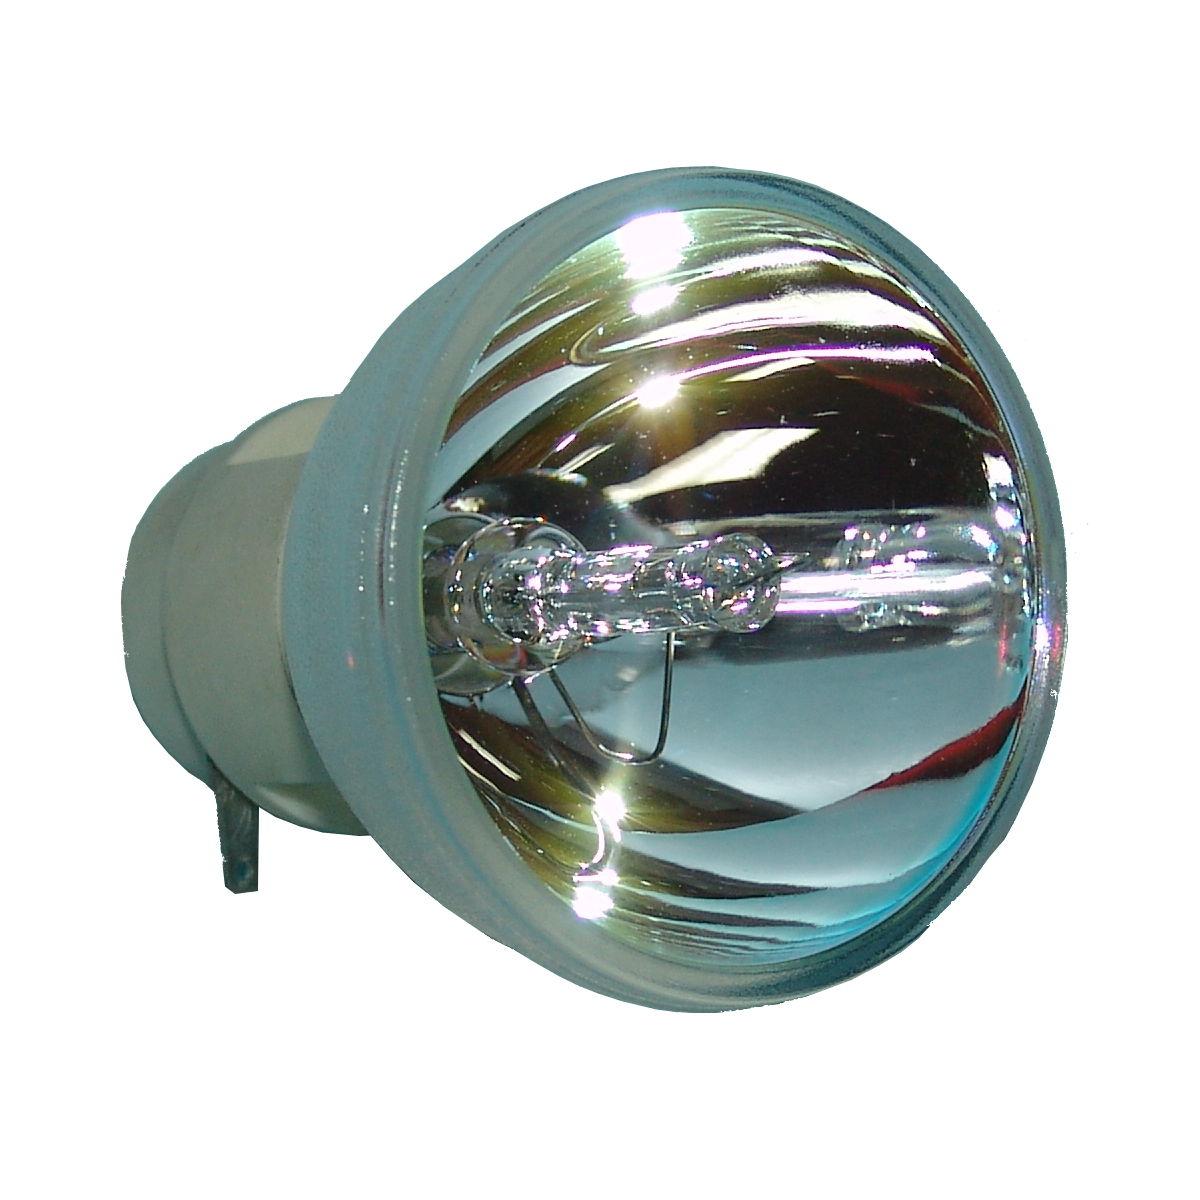 Compatible Bare Bulb ET-LAC200 ETLAC200 for PANASONIC PT-CW241R PTCW241R PT-CW240 PTCW240 Projector Lamp Bulb without housing compatible et lap750 bare lamp for panasonic pt px750 projector